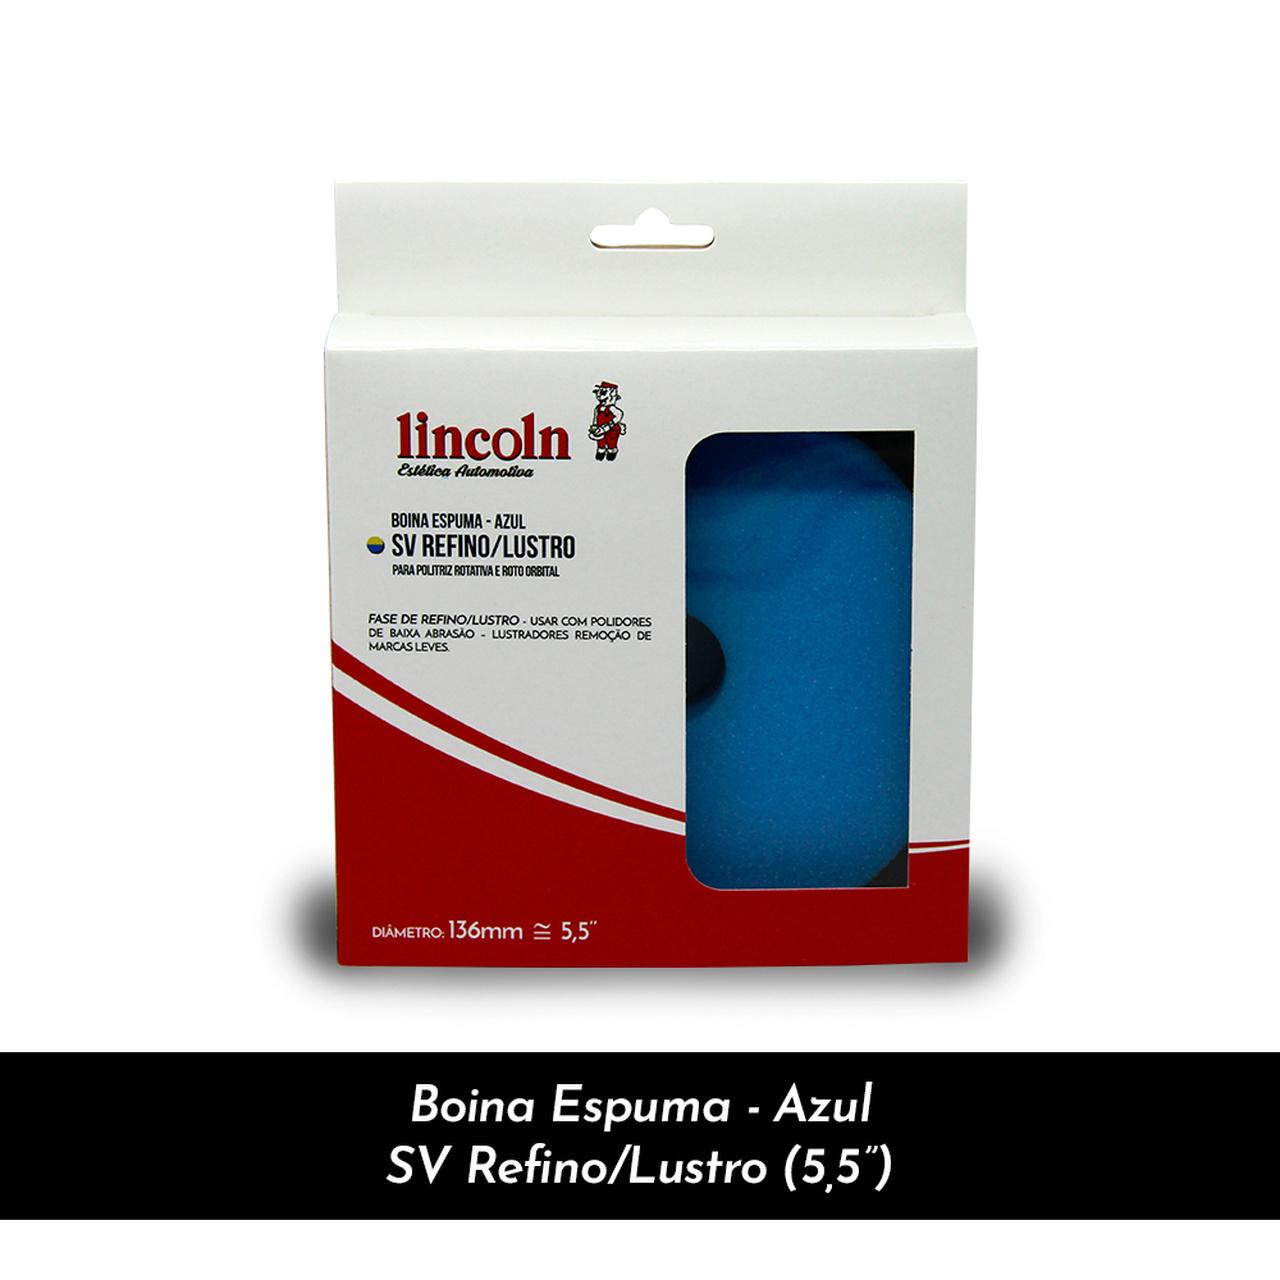 """BOINA ESPUMA - AZUL SV REFINO/LUSTRO 5,5"""" - LINCOLN"""